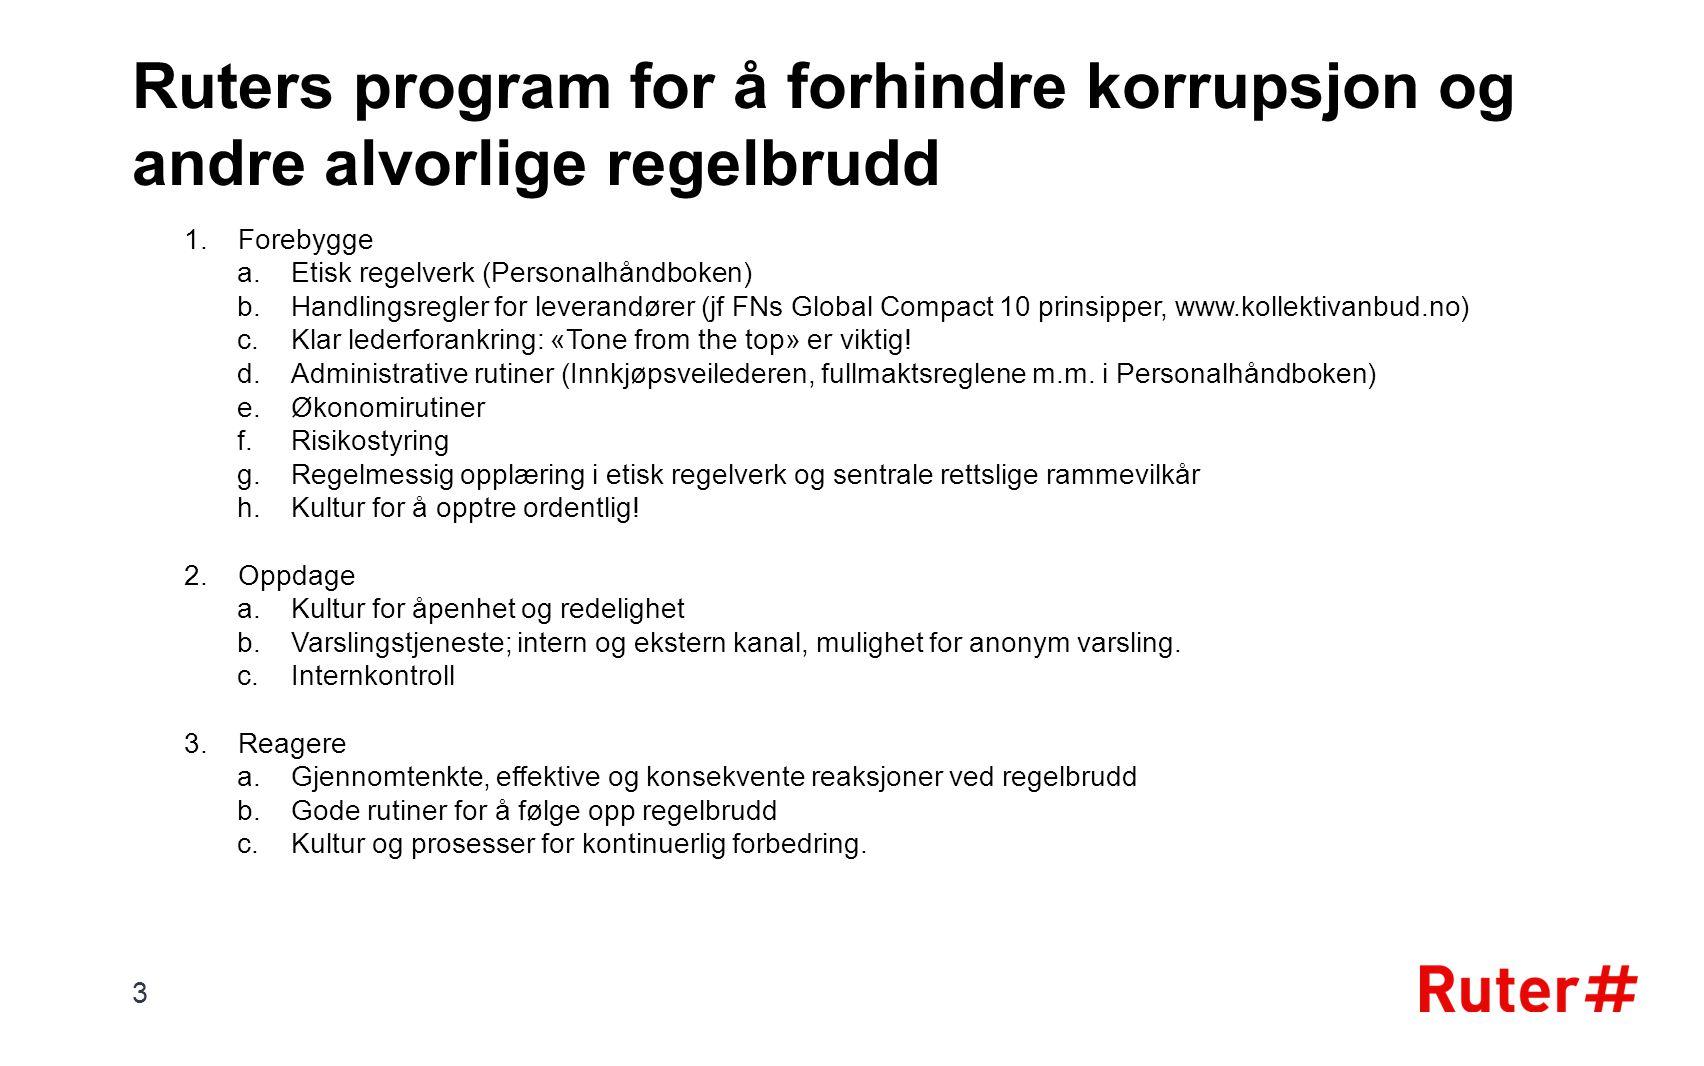 Ruters program for å forhindre korrupsjon og andre alvorlige regelbrudd